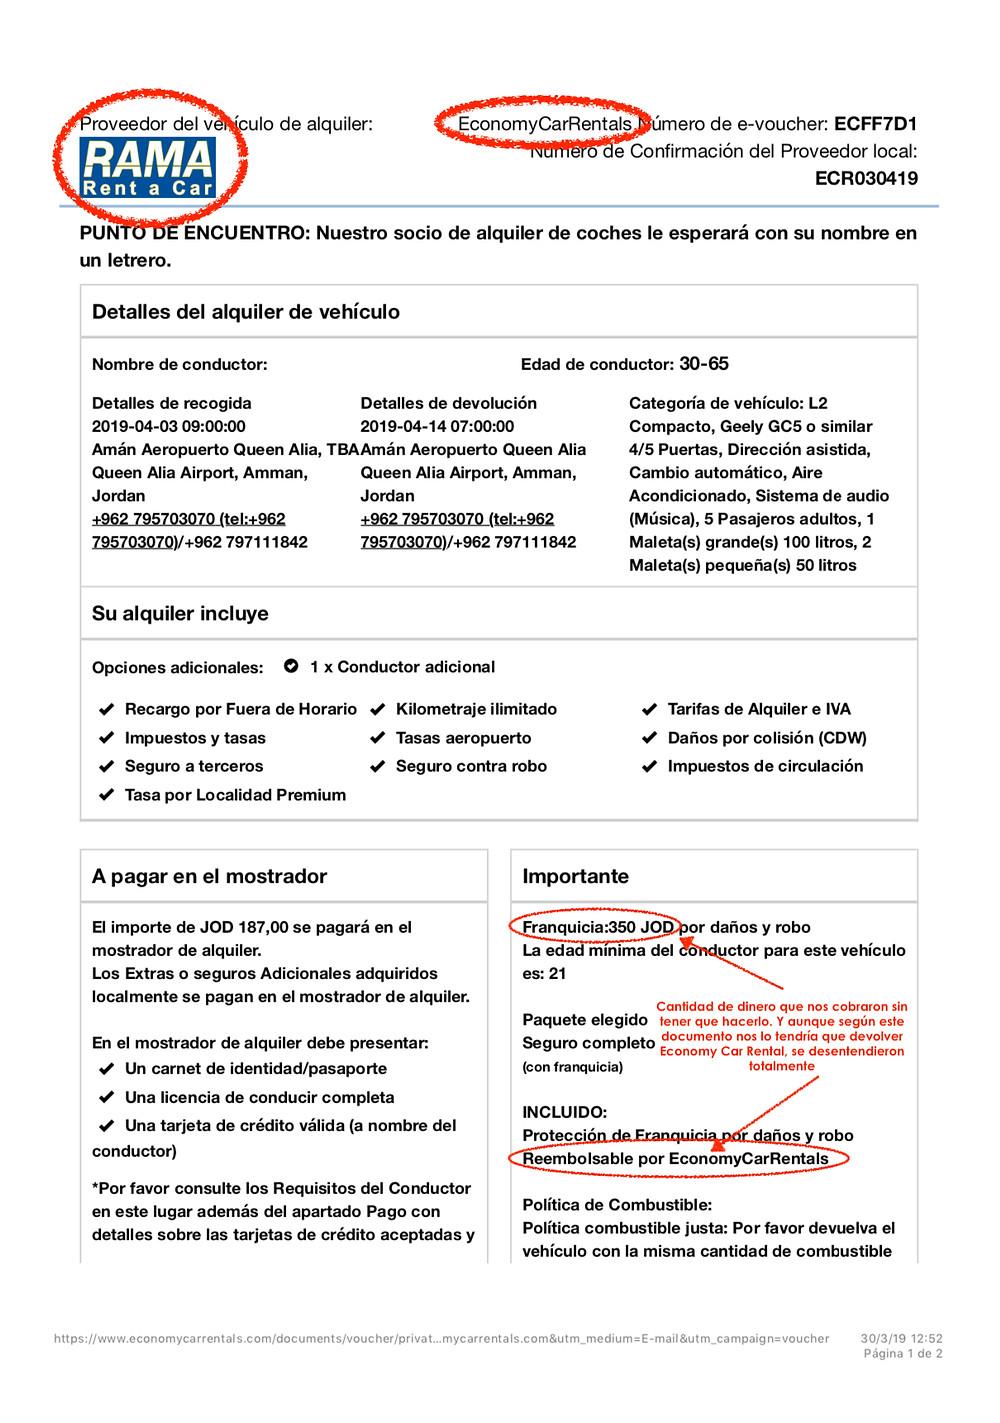 Documento del alquiler del vehículo